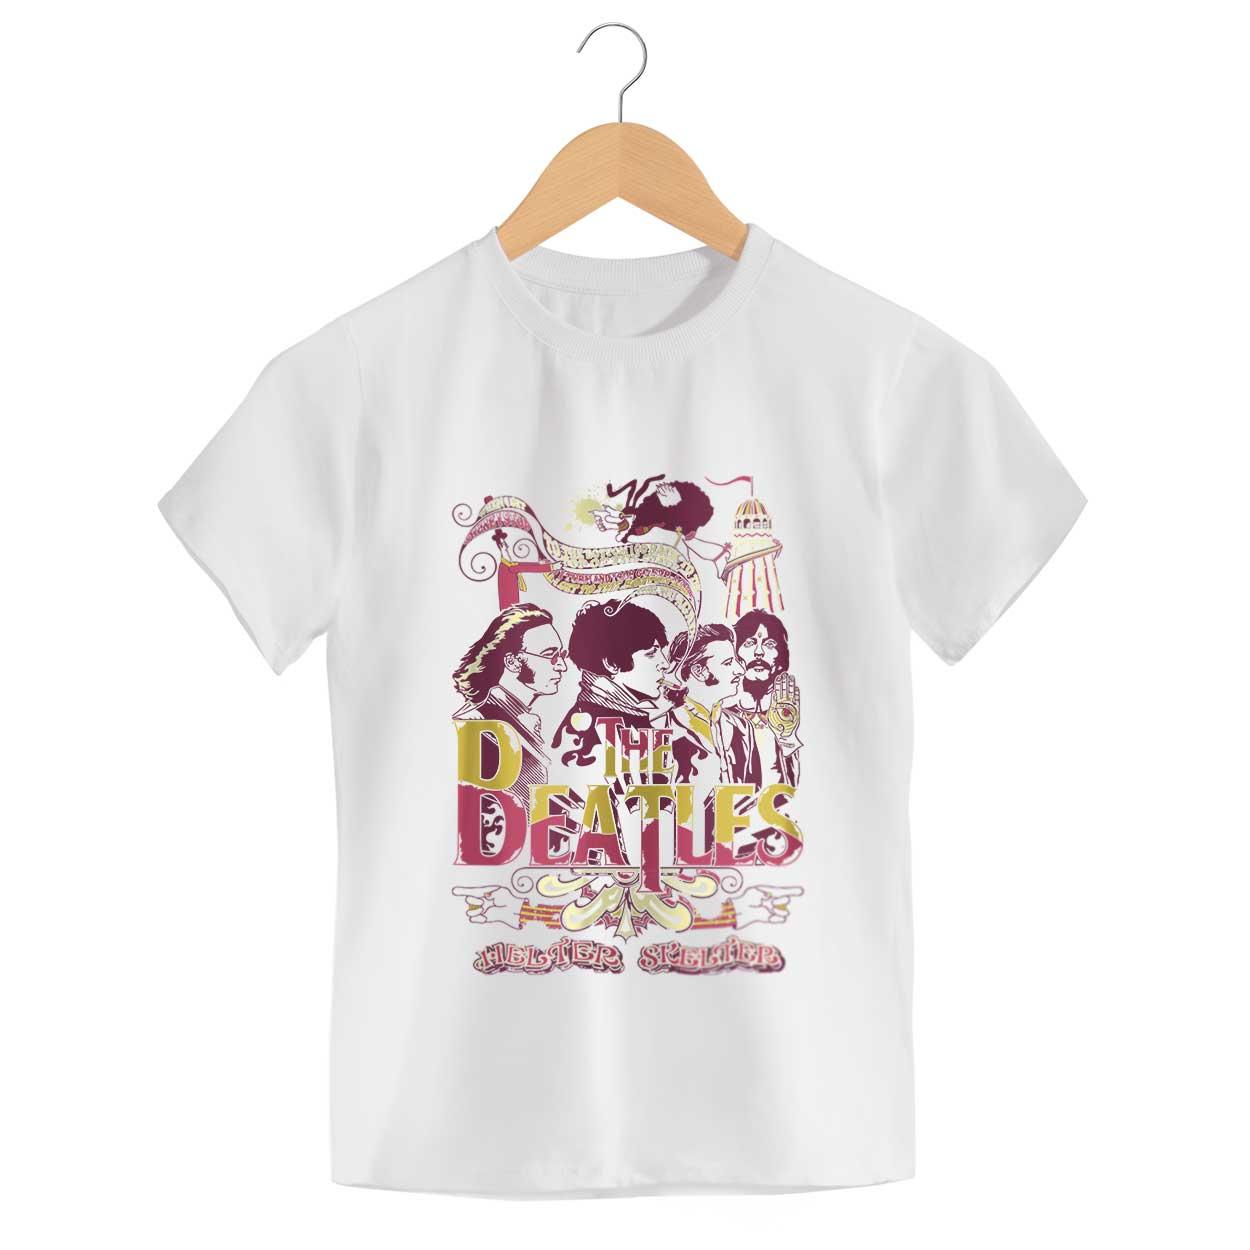 Camiseta - Helter Skelter - The Beatles - Infantil